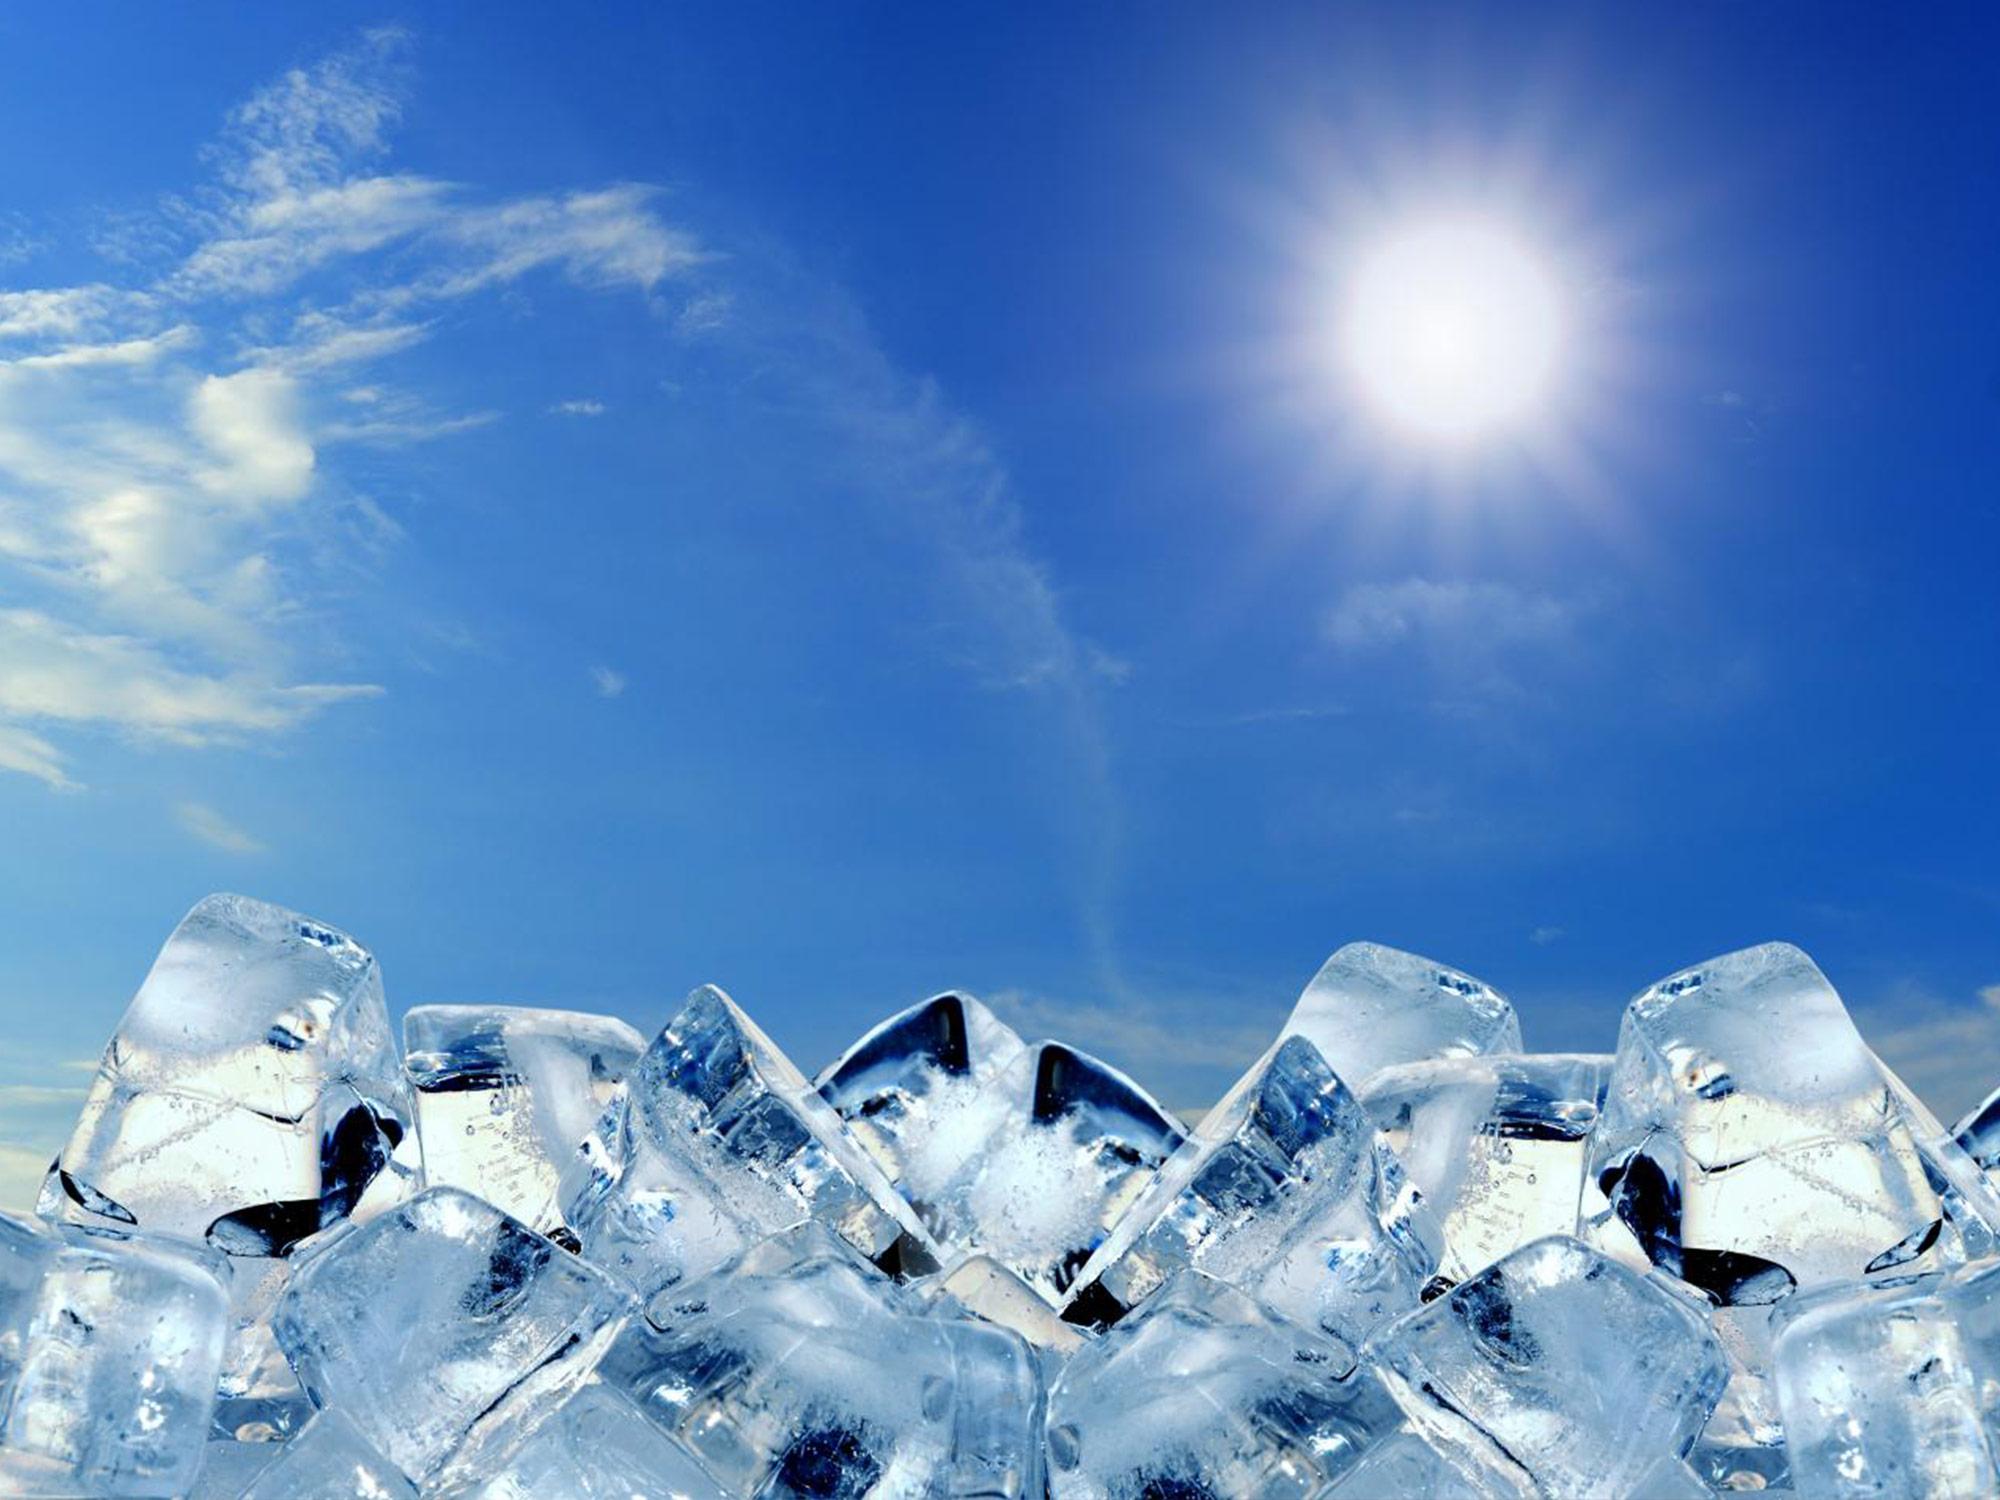 Refrigeration Et Climatisation Pres De Thiers 63300